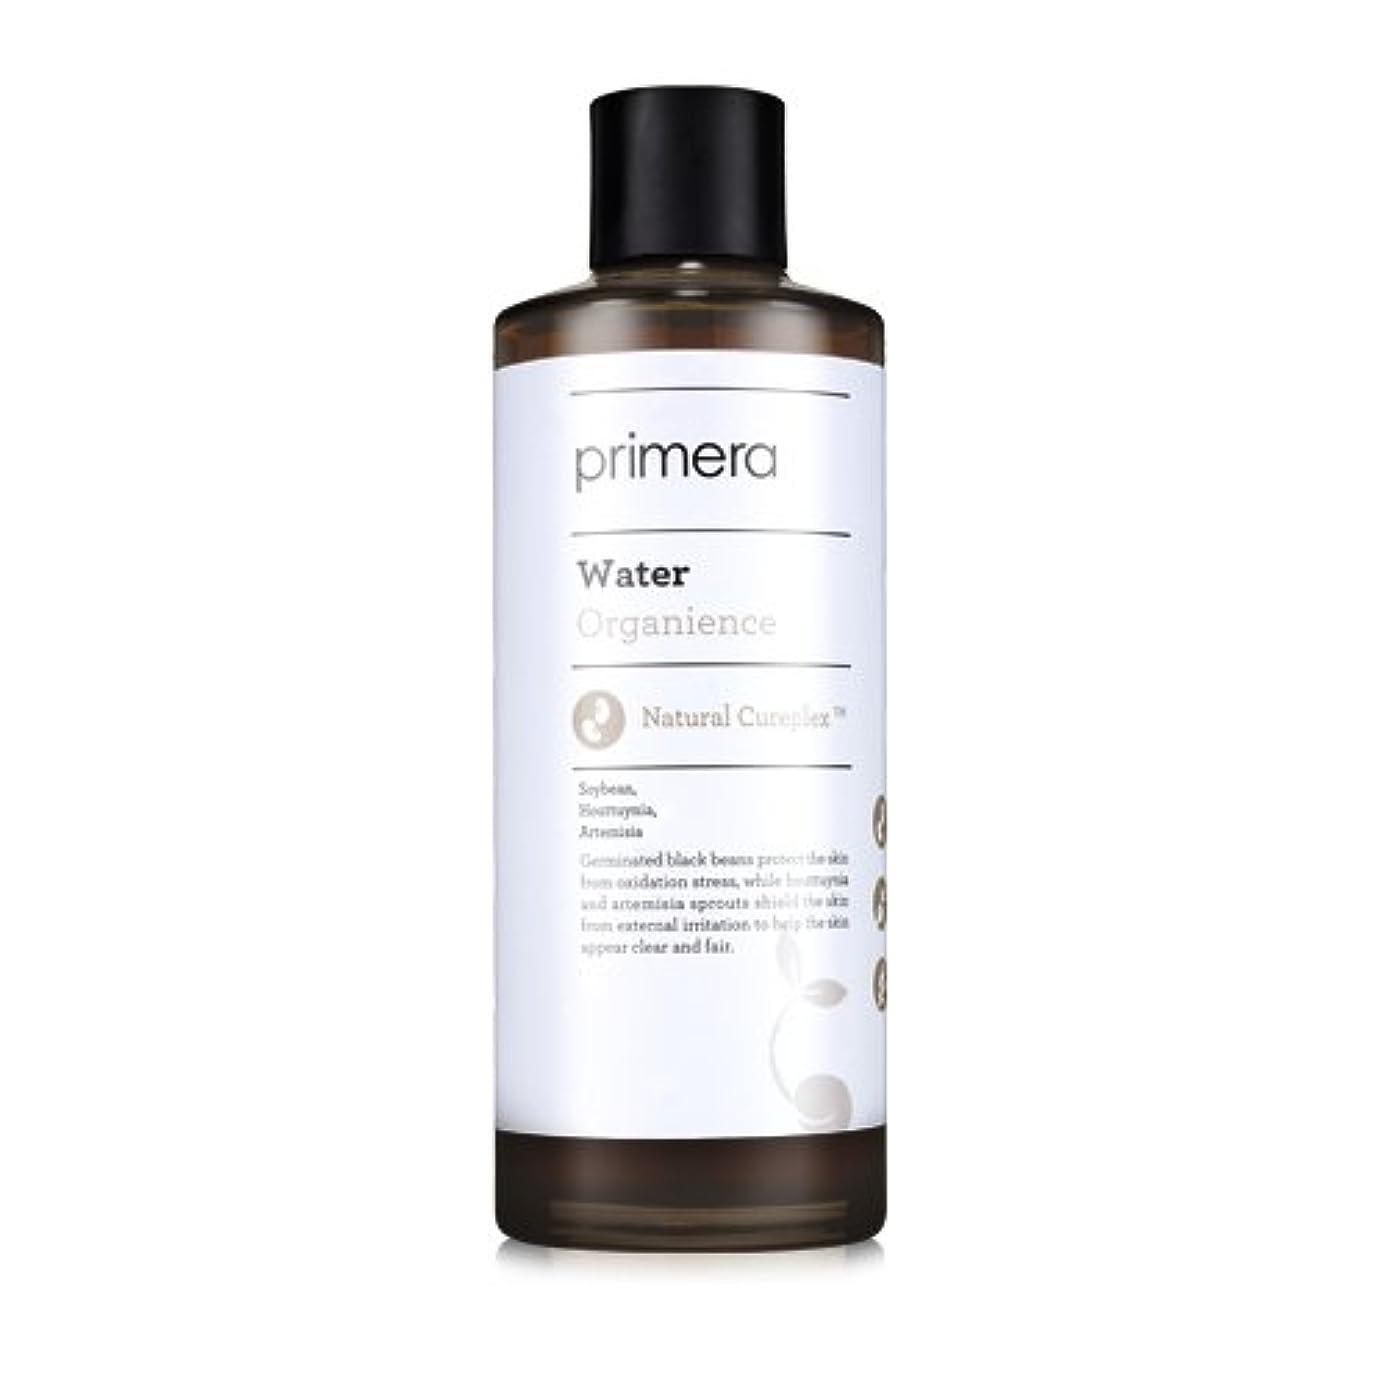 ボトルおめでとう銃PRIMERA プリメラ オーガニエンス ウォーター(Organience Water)化粧水 180ml